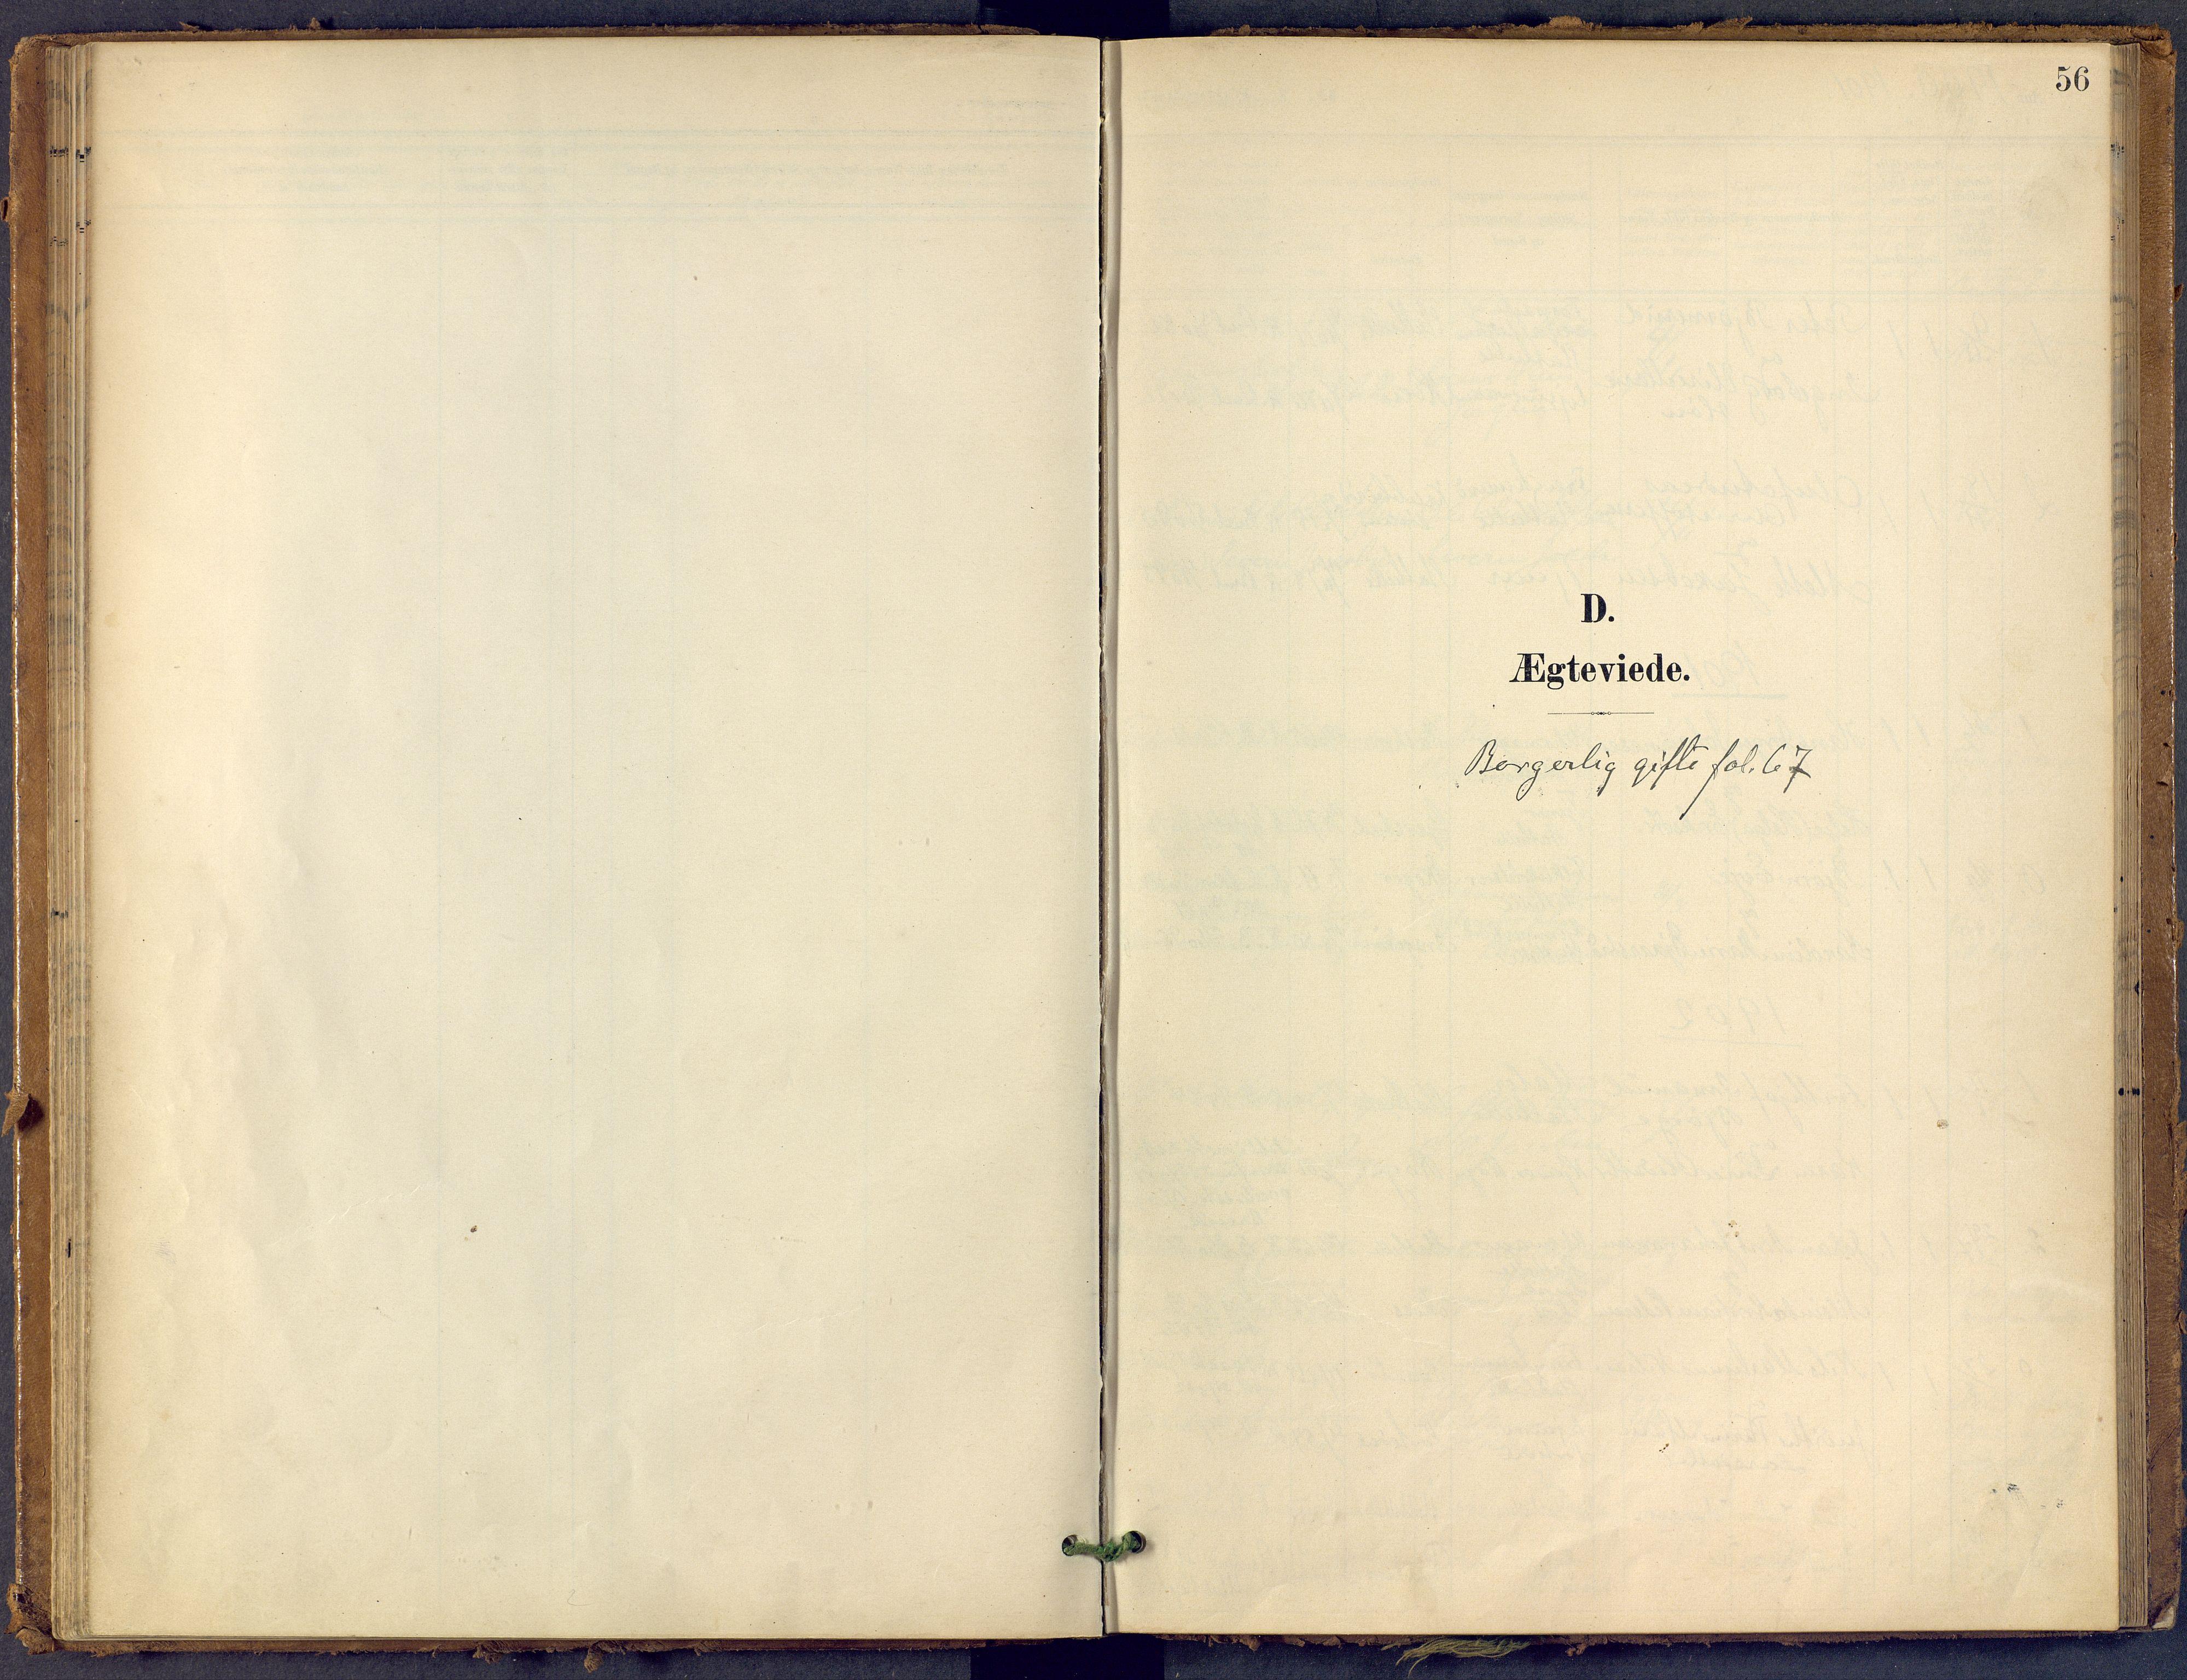 SAKO, Bamble kirkebøker, F/Fb/L0002: Ministerialbok nr. II 2, 1900-1921, s. 56